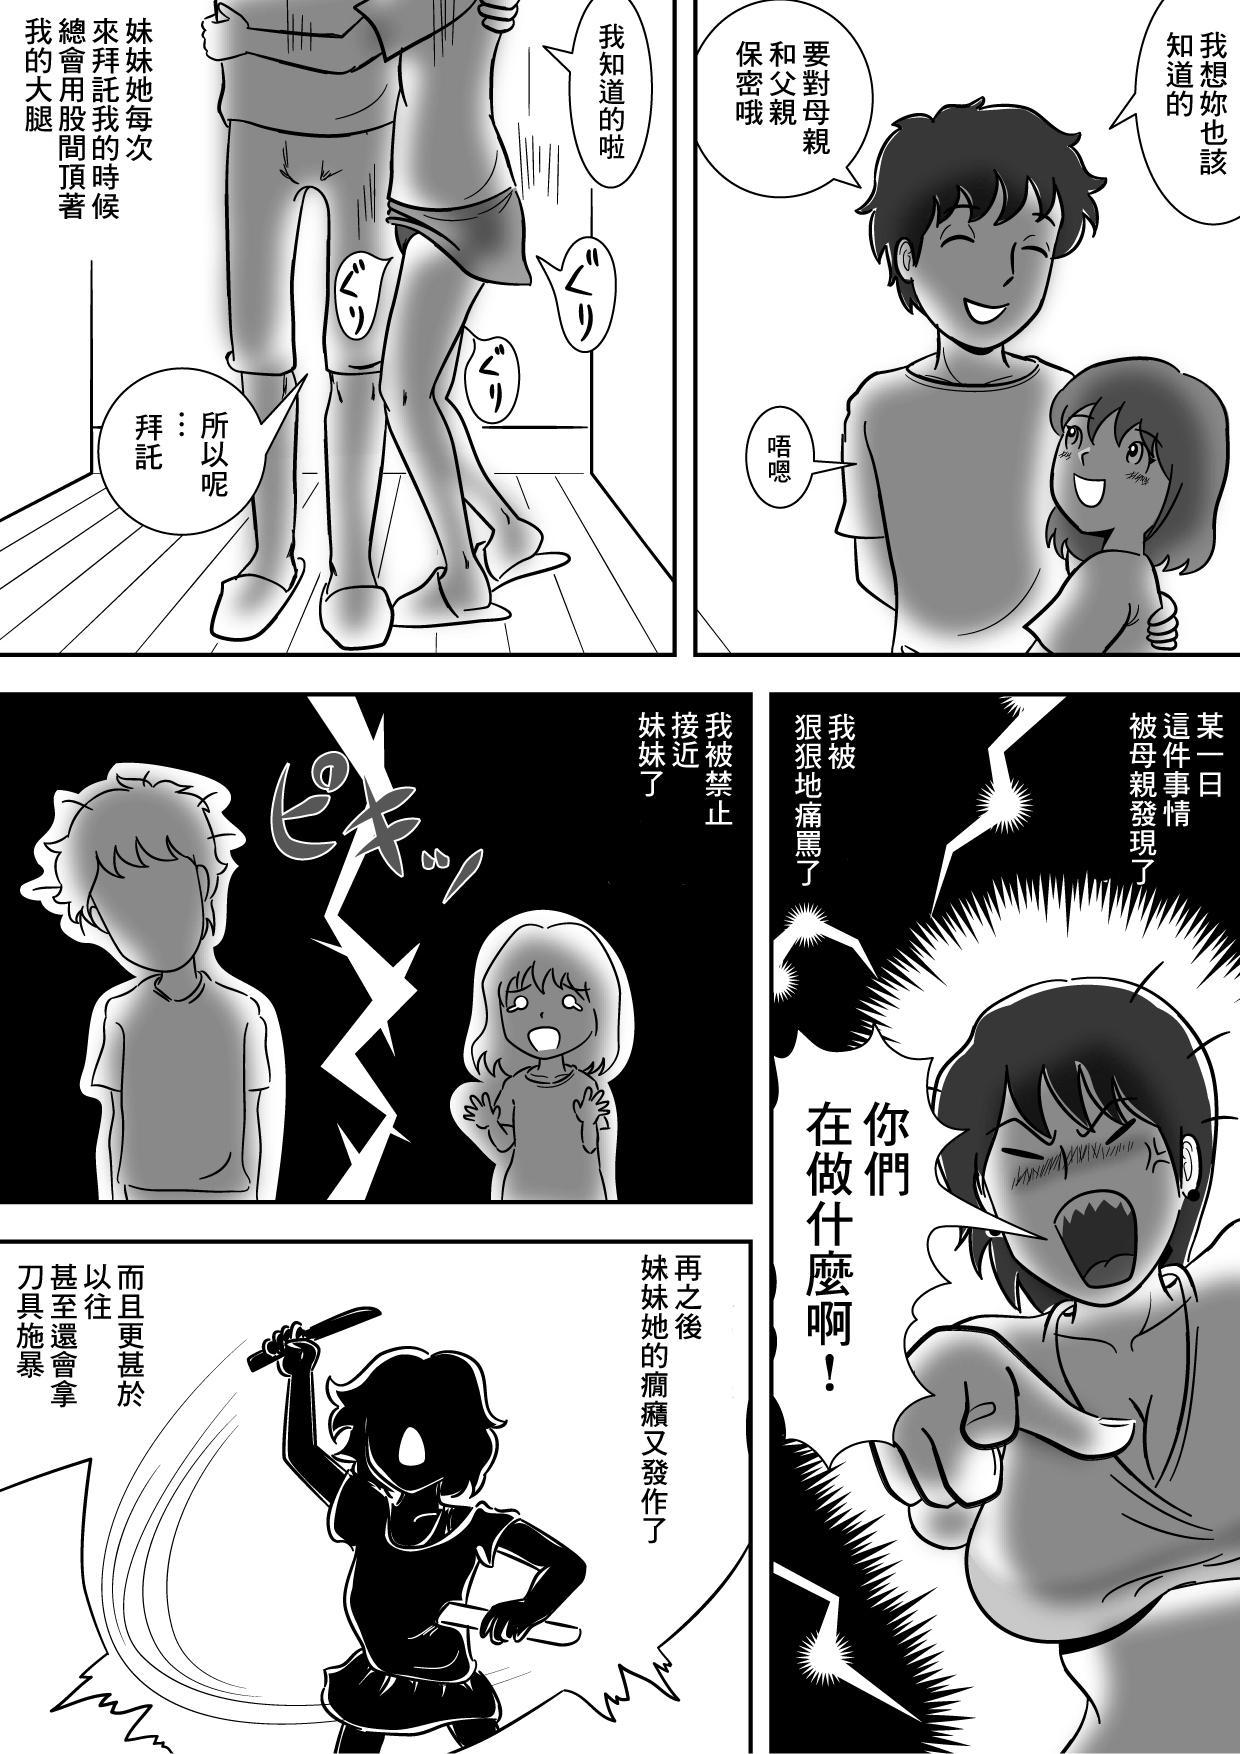 Imouto no Onanii o Tetsudau Ani Sore o Mimamoru Haha 12